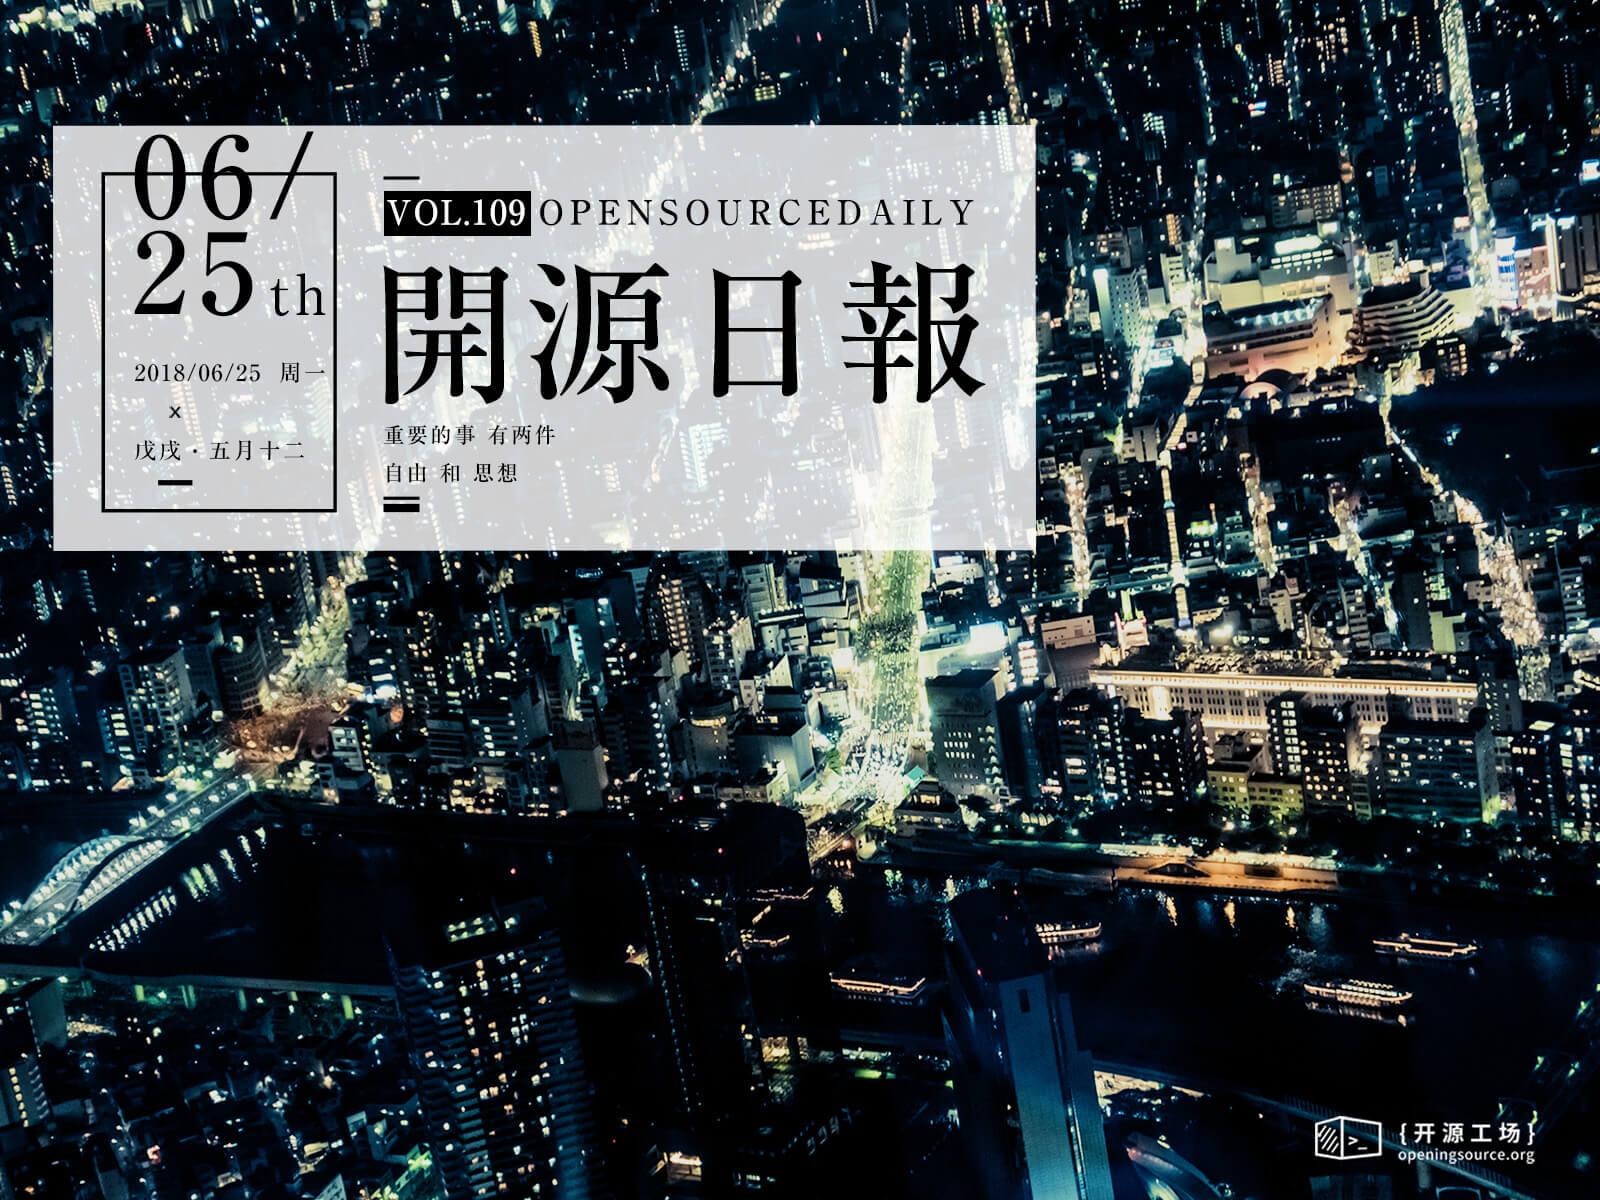 2018年6月25日:开源日报第109期